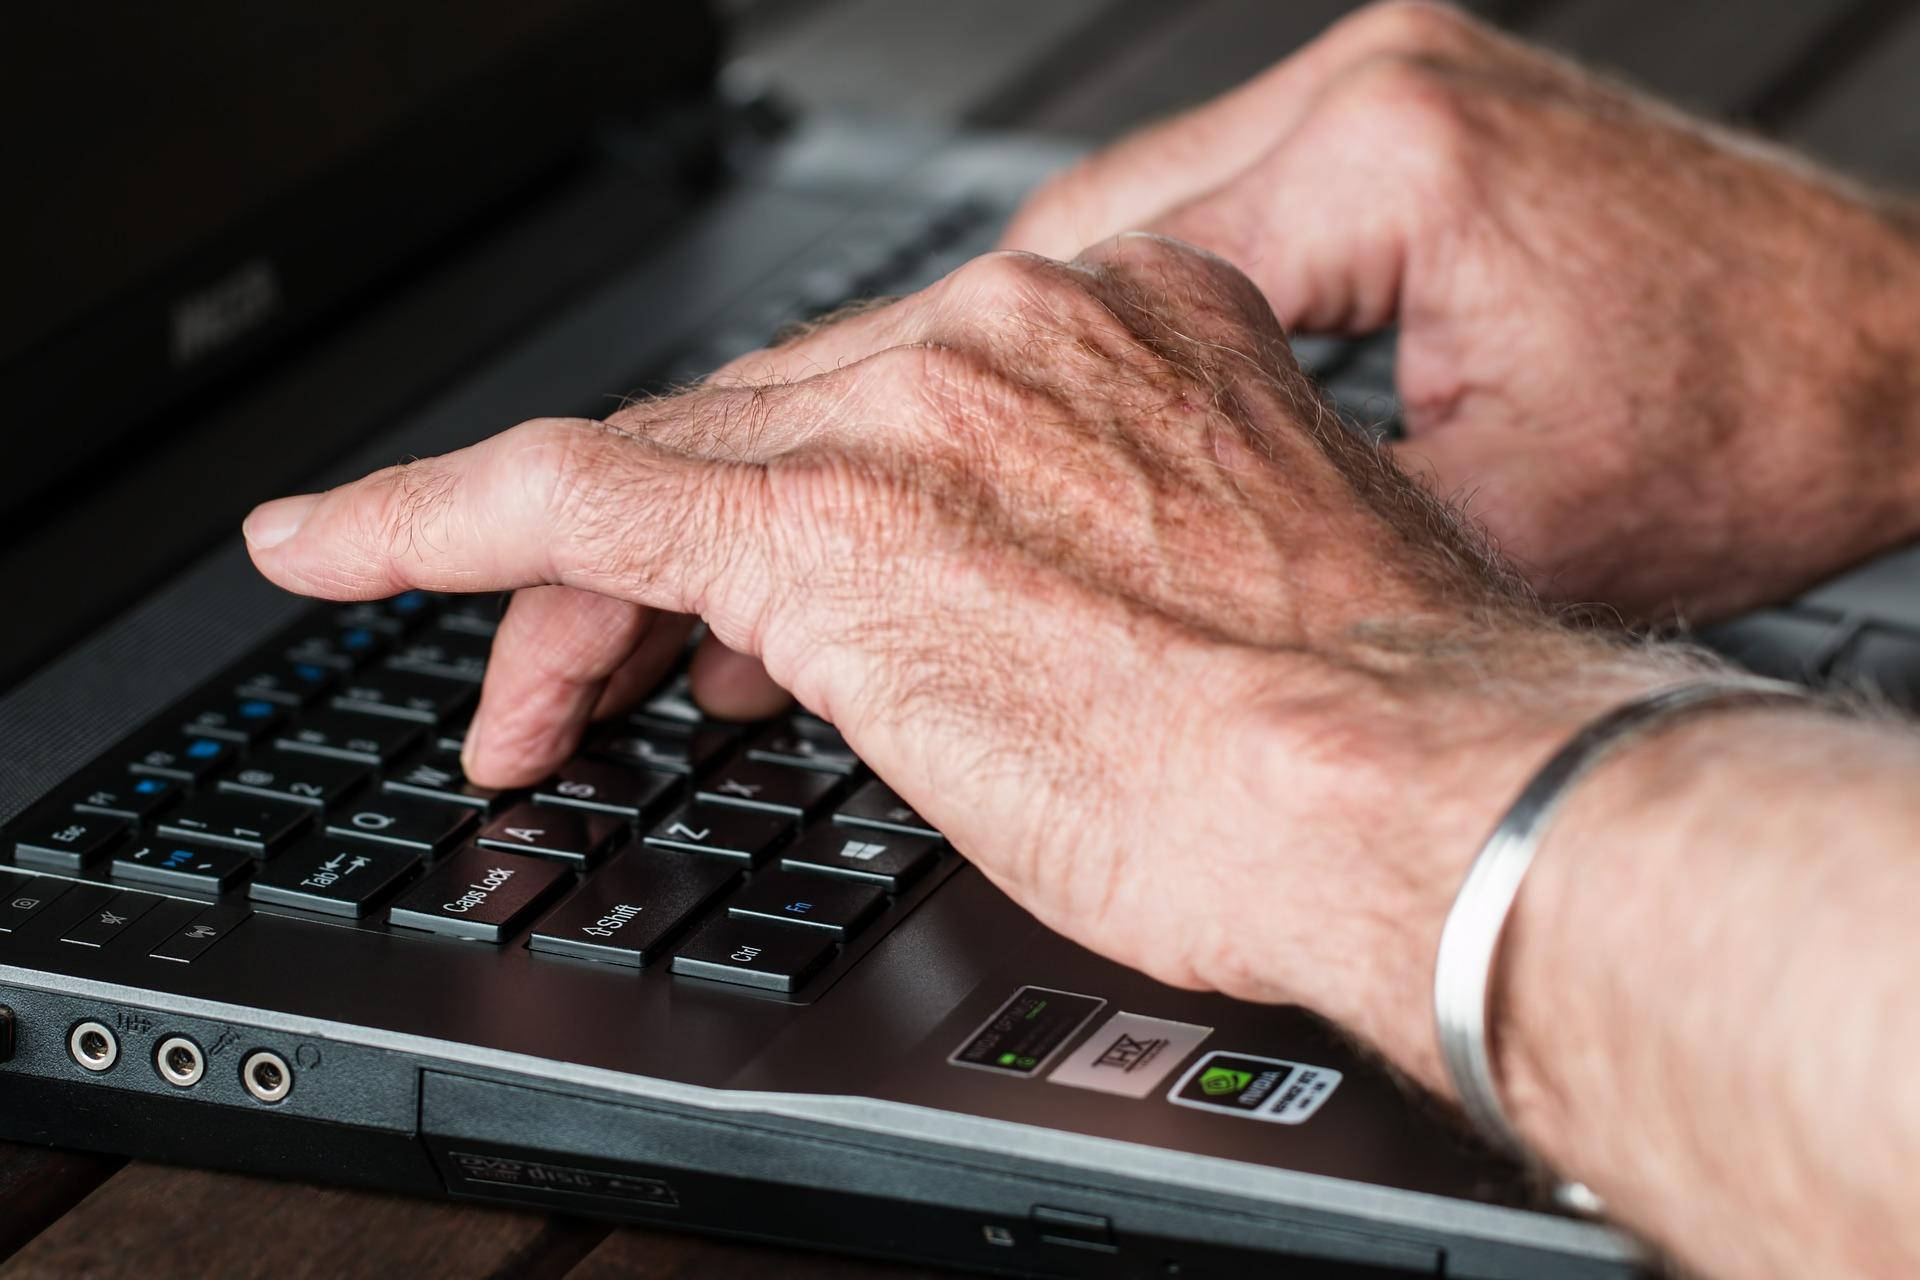 cuentas corporativas, mensajes email, mensajes personales, computador